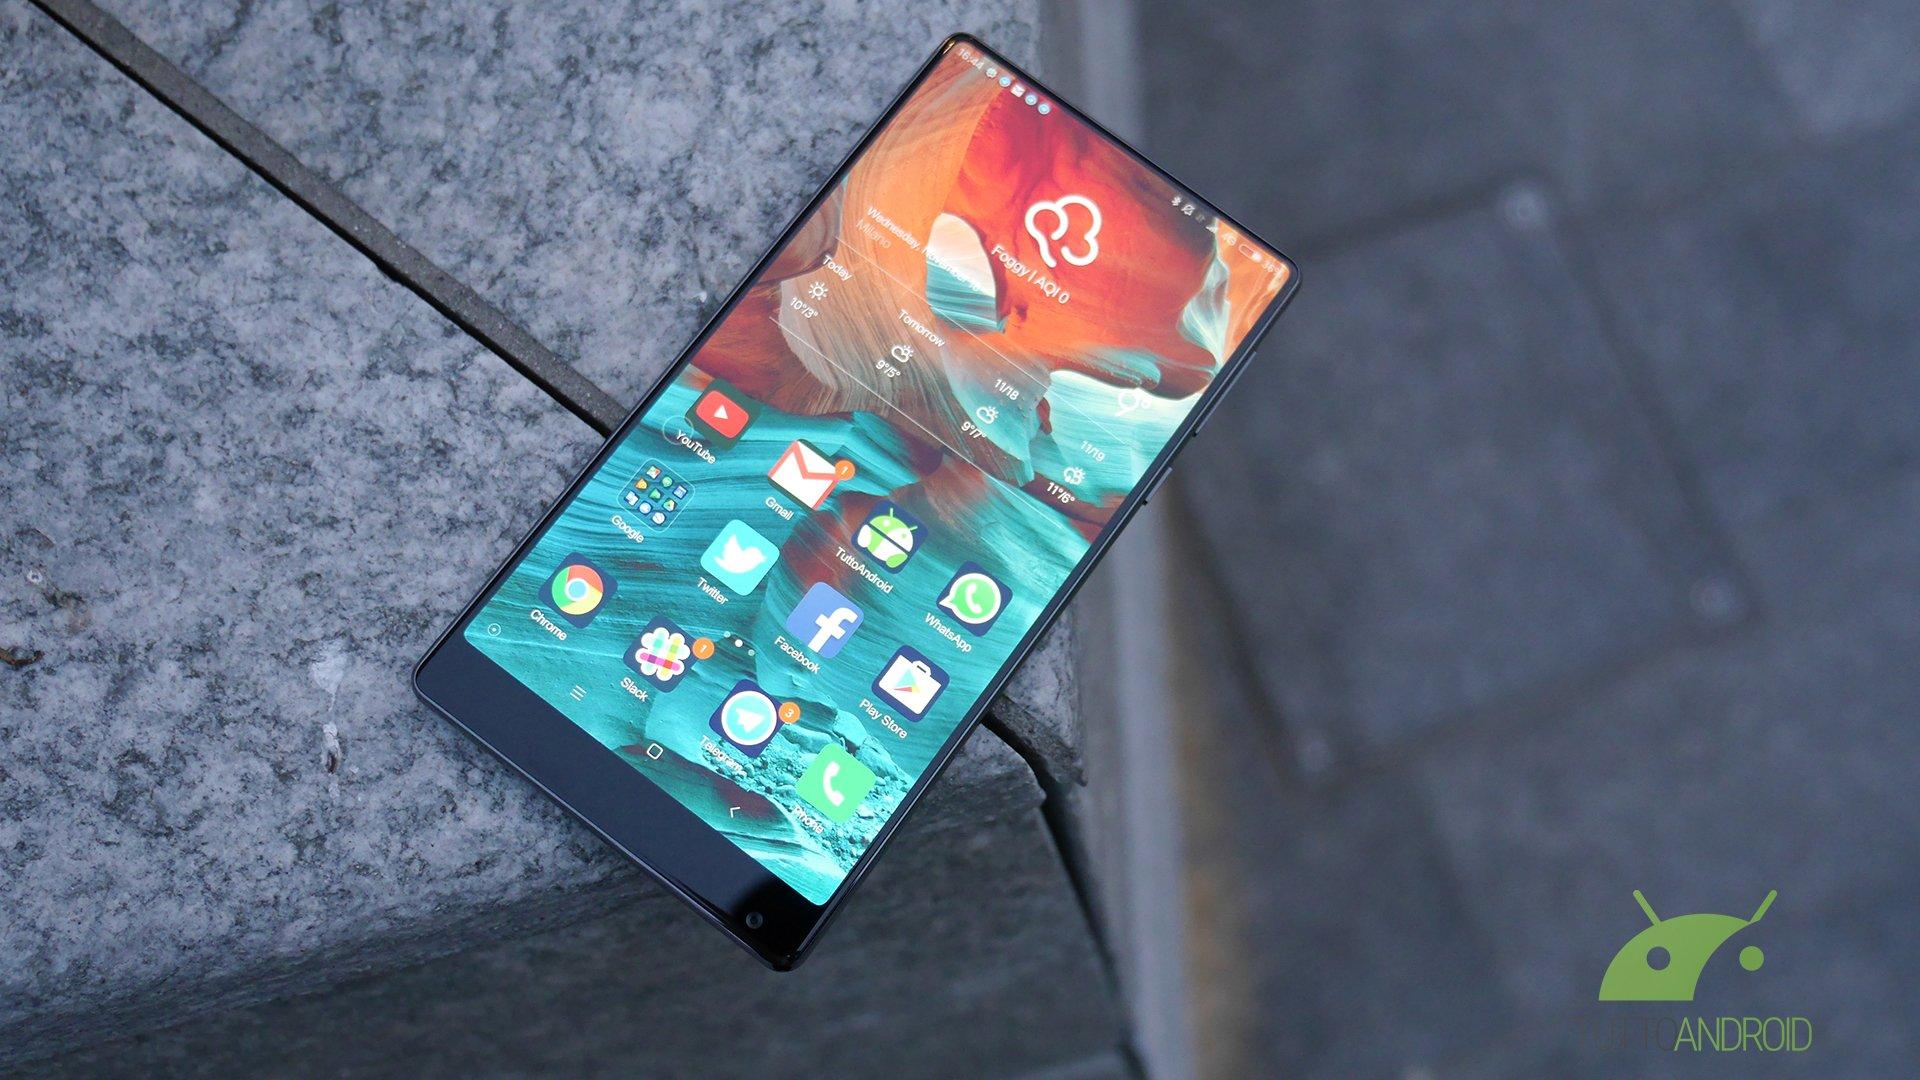 Xiaomi Mi Mix smontato pezzo per pezzo in video